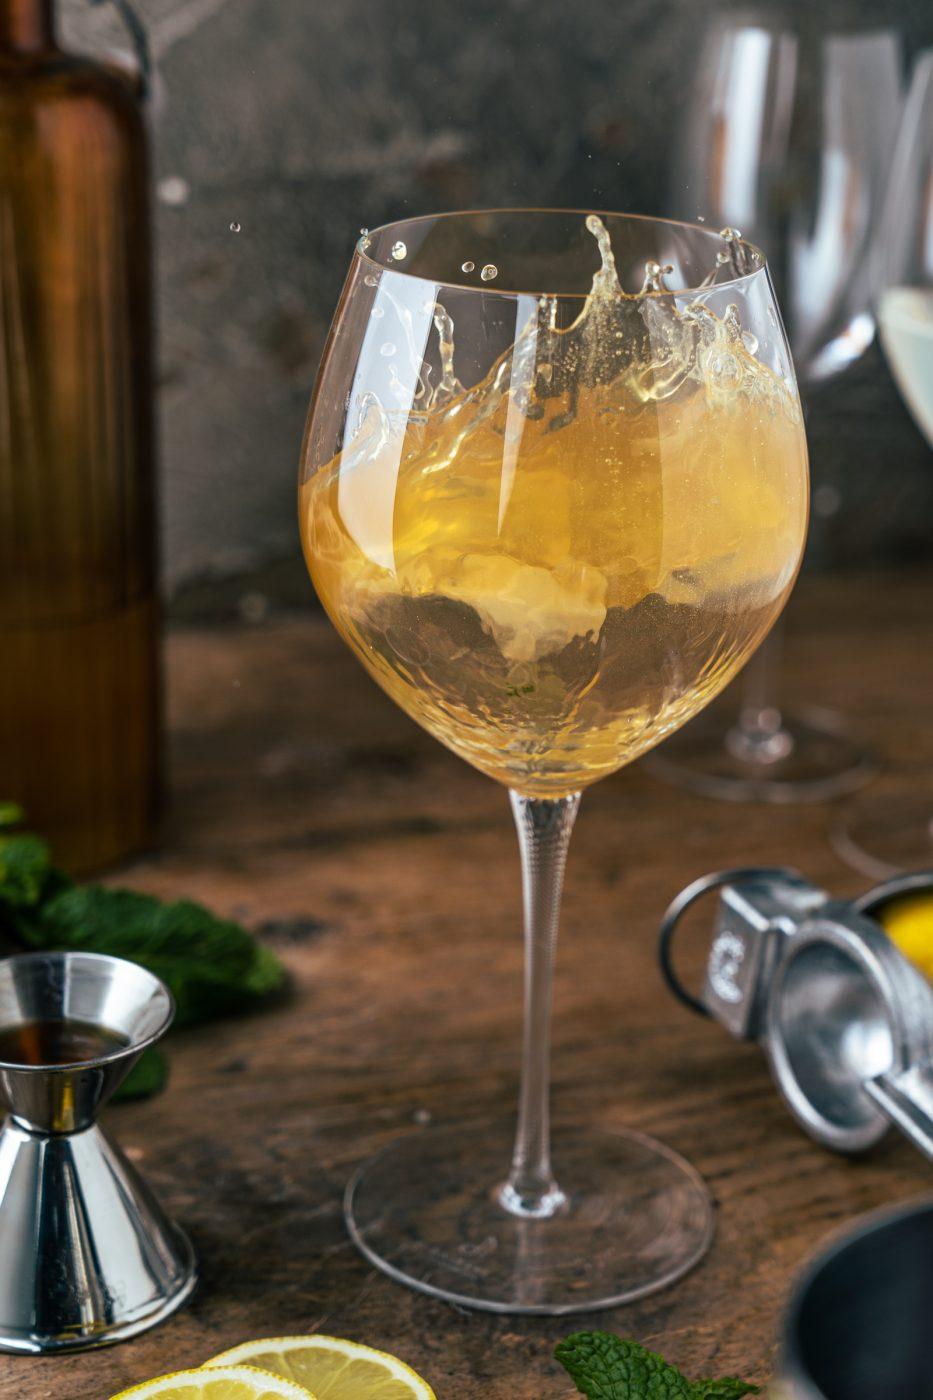 Maple Mint Fizz 2 | Wir sind bei einem leckeren Cocktail immer direkt dabei! Ein Jubiläum ist ja immer die perfekte Gelegenheit etwas ganz Besonderes zu kreieren. Und so haben wir uns kurzerhand den Maple Mint Fizz überlegt.Ein fruchtig frischer Cocktail, der mit spritzigem Ginger Beer einfach unwiderstehlich ist - damit heben wir die Gläser und gratulieren unserem Partner ZWIESEL GLAS zum Jubiläum. CHEERS!